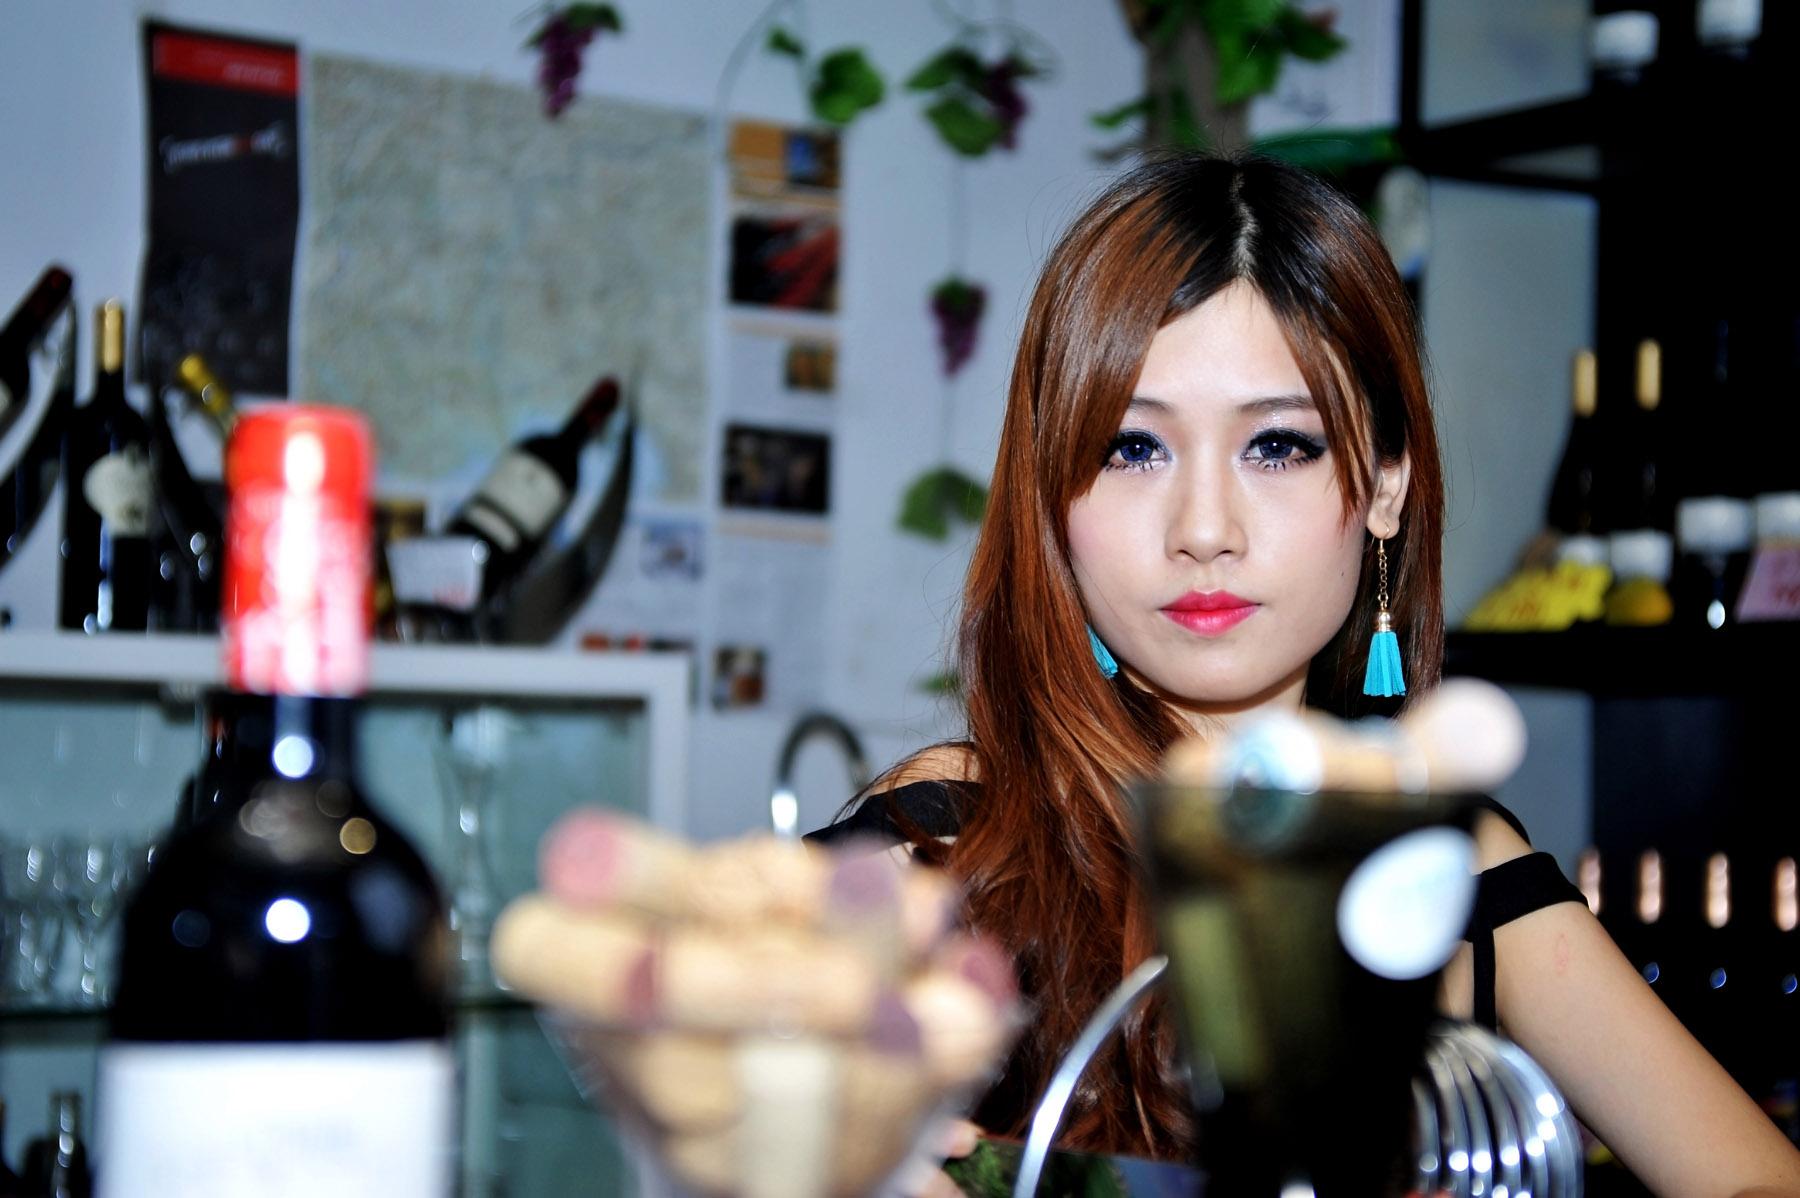 靓丽美酒佳人2[50P] - 撸四次网